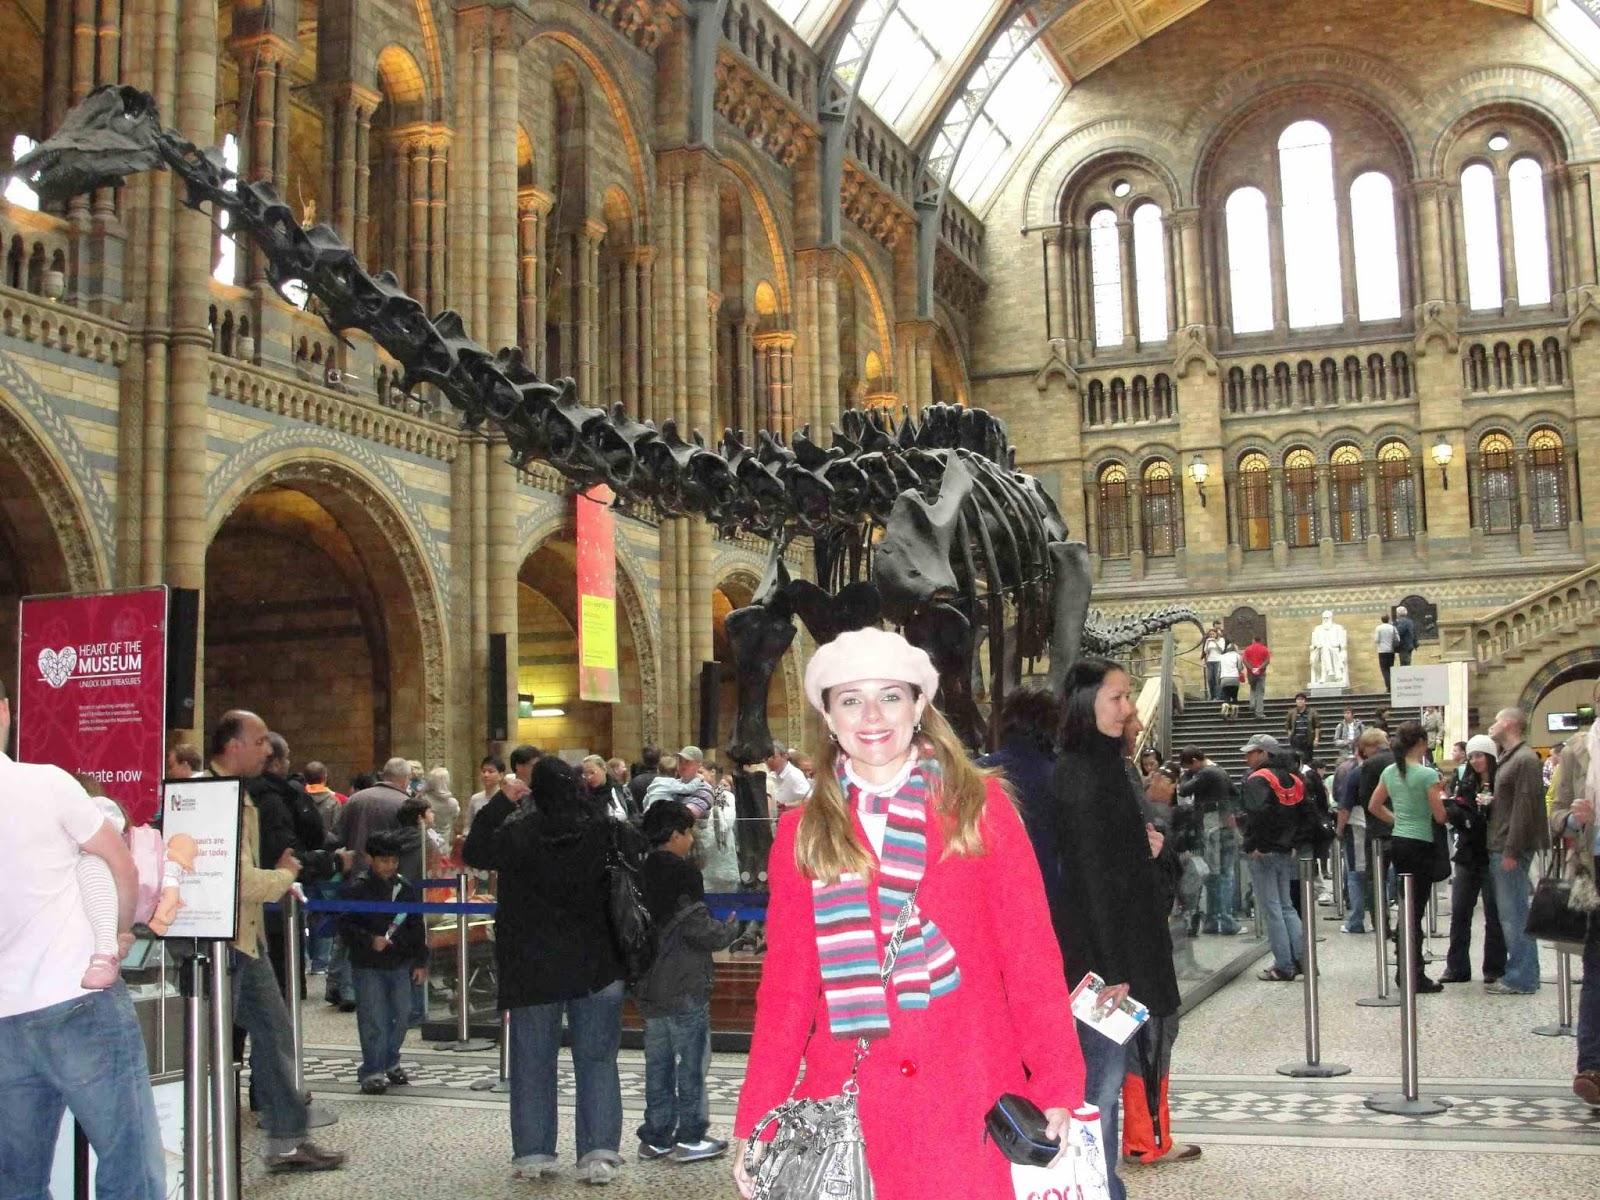 Blog Apaixonados por Viagens - Europa - Melhores Museus